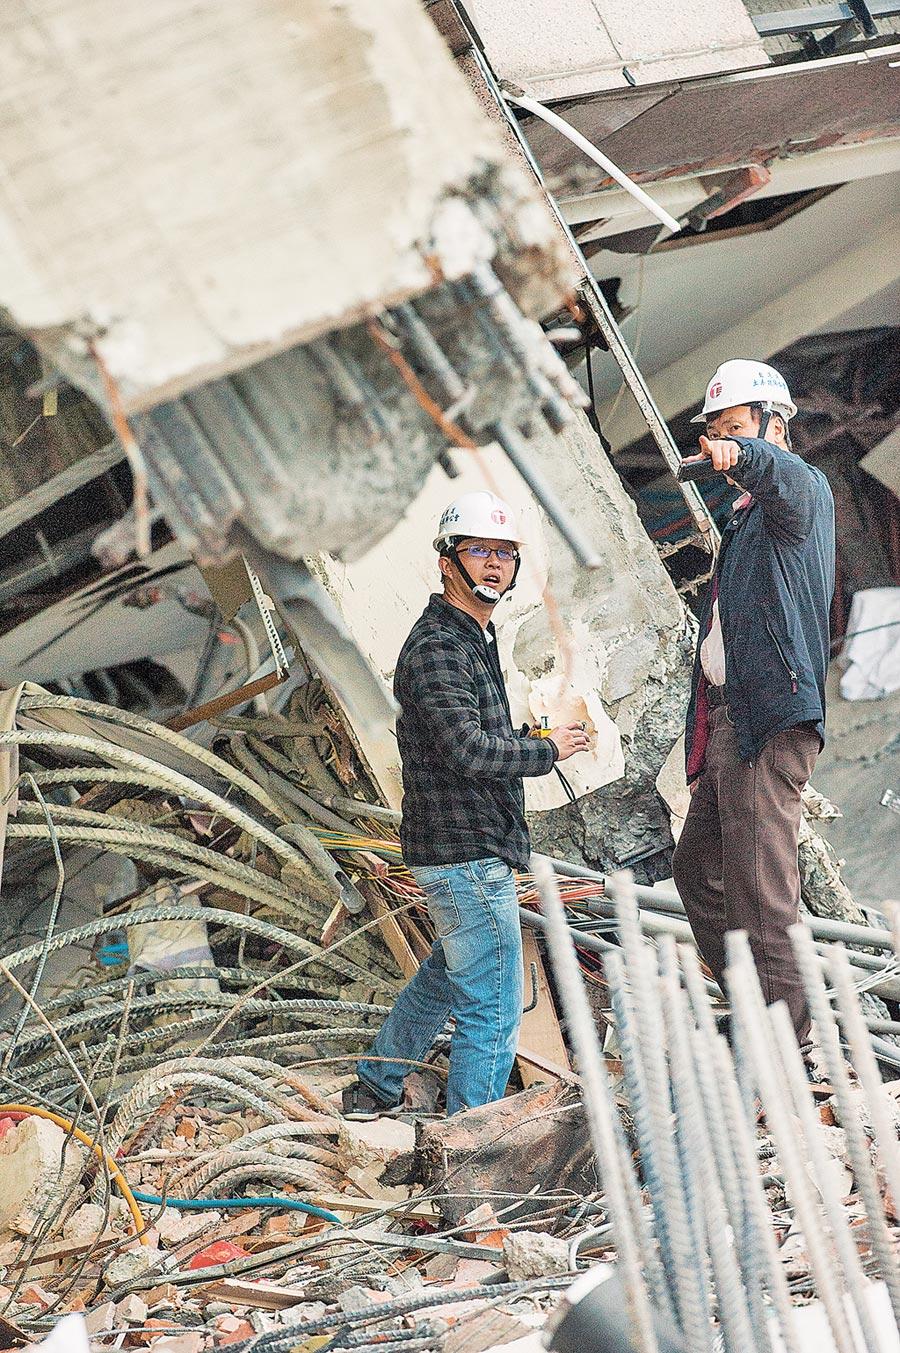 2018年2月9日,土木工程技師在花蓮勘驗雲門翠堤斷裂梁柱中的鋼條。(本報系資料照片)